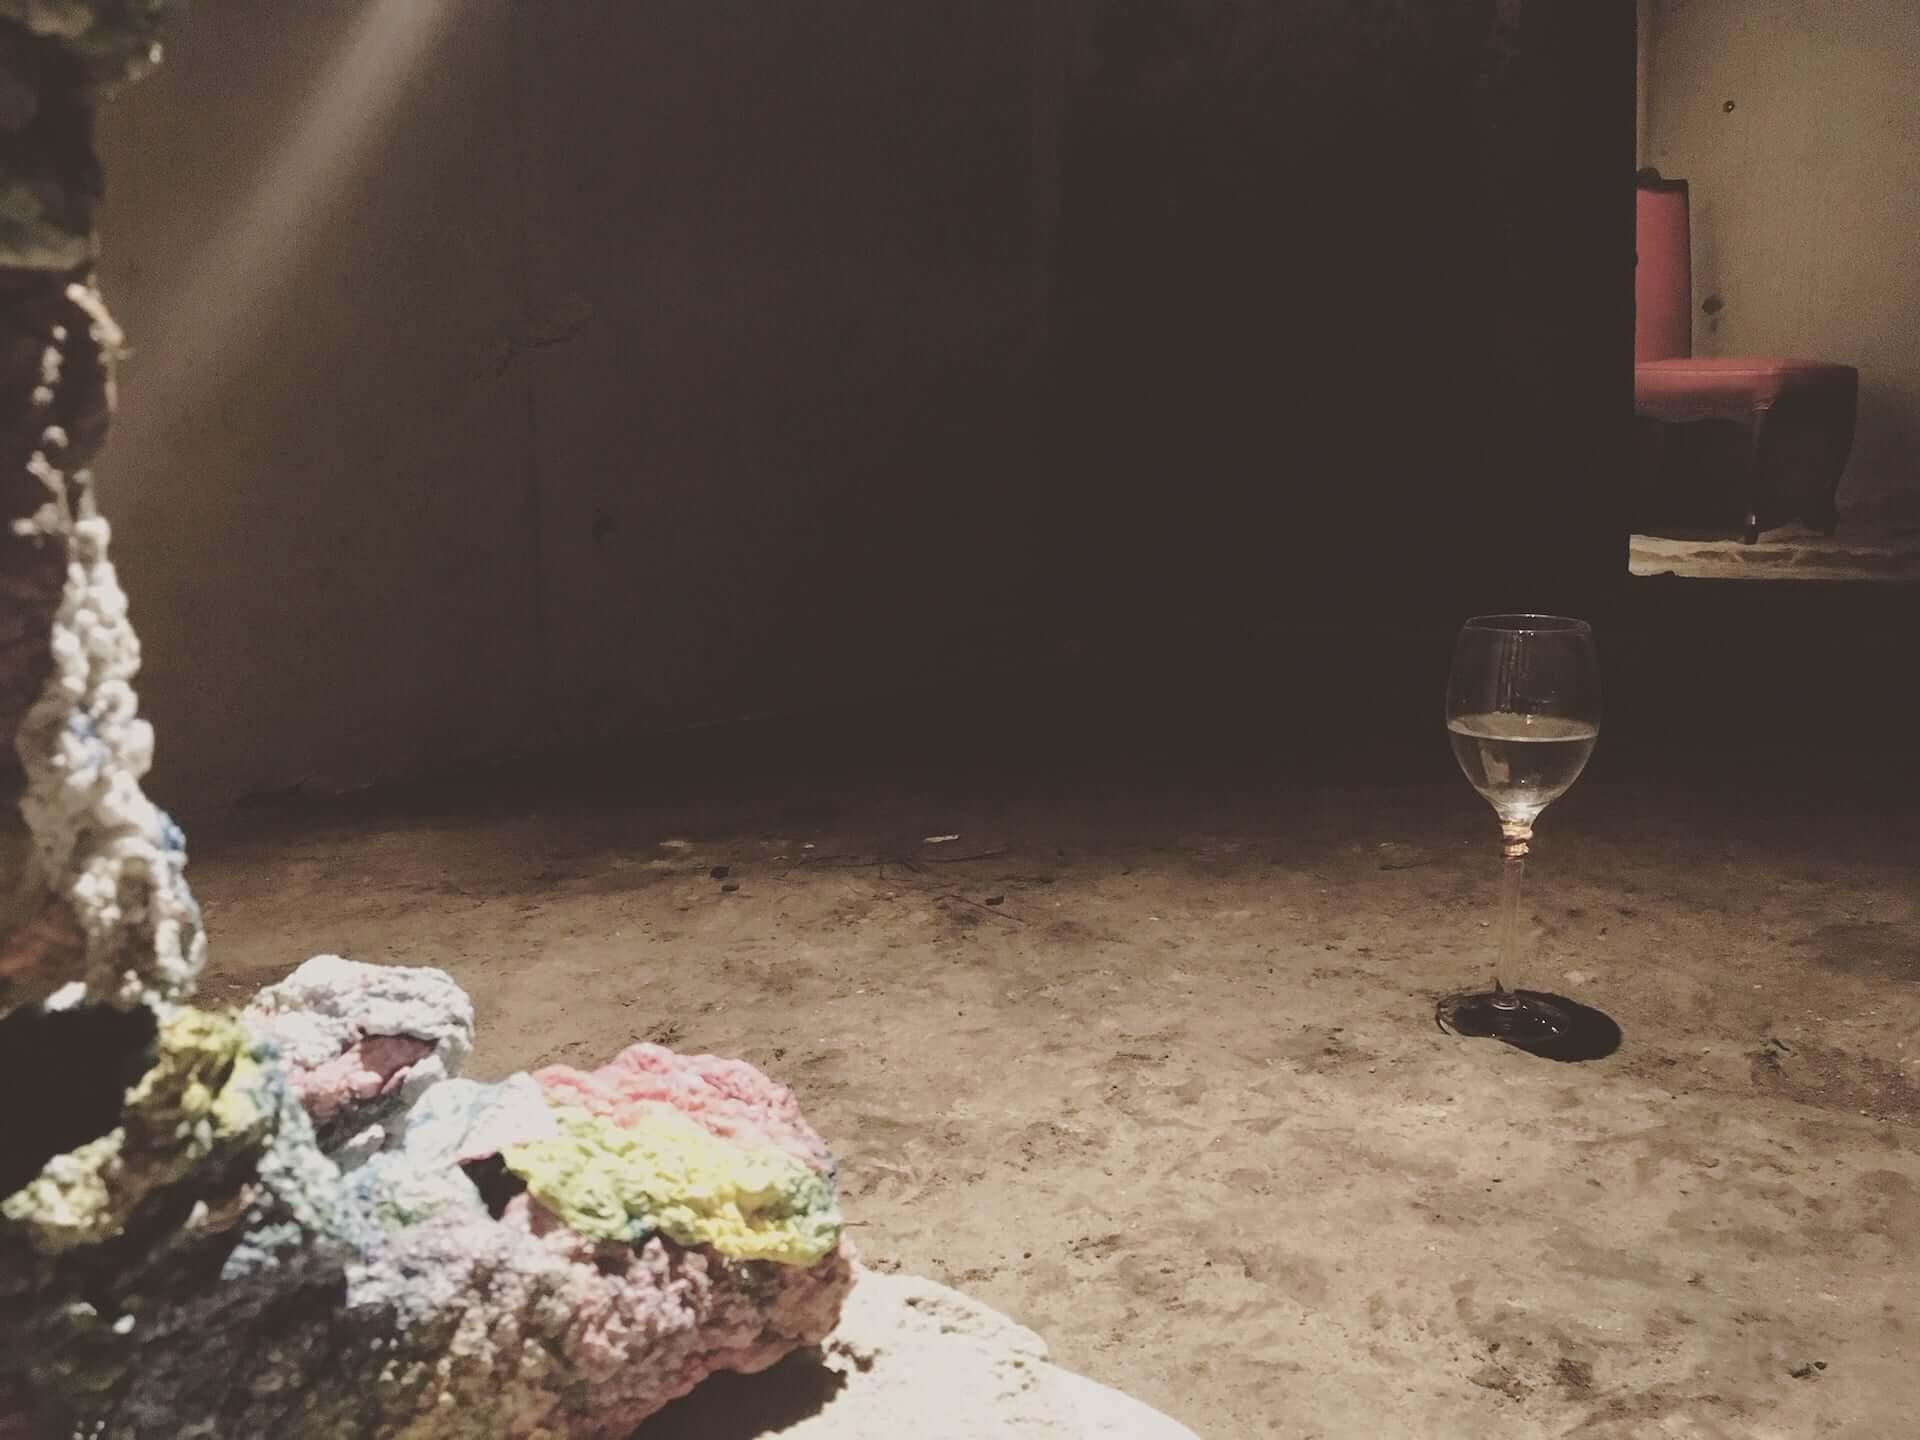 銭湯を改装した異空間!アートとカフェが一体となった「芸術銭湯+Café 宮の湯」が根津にオープン art200602_cafe_miyanoyu_2-1920x1440